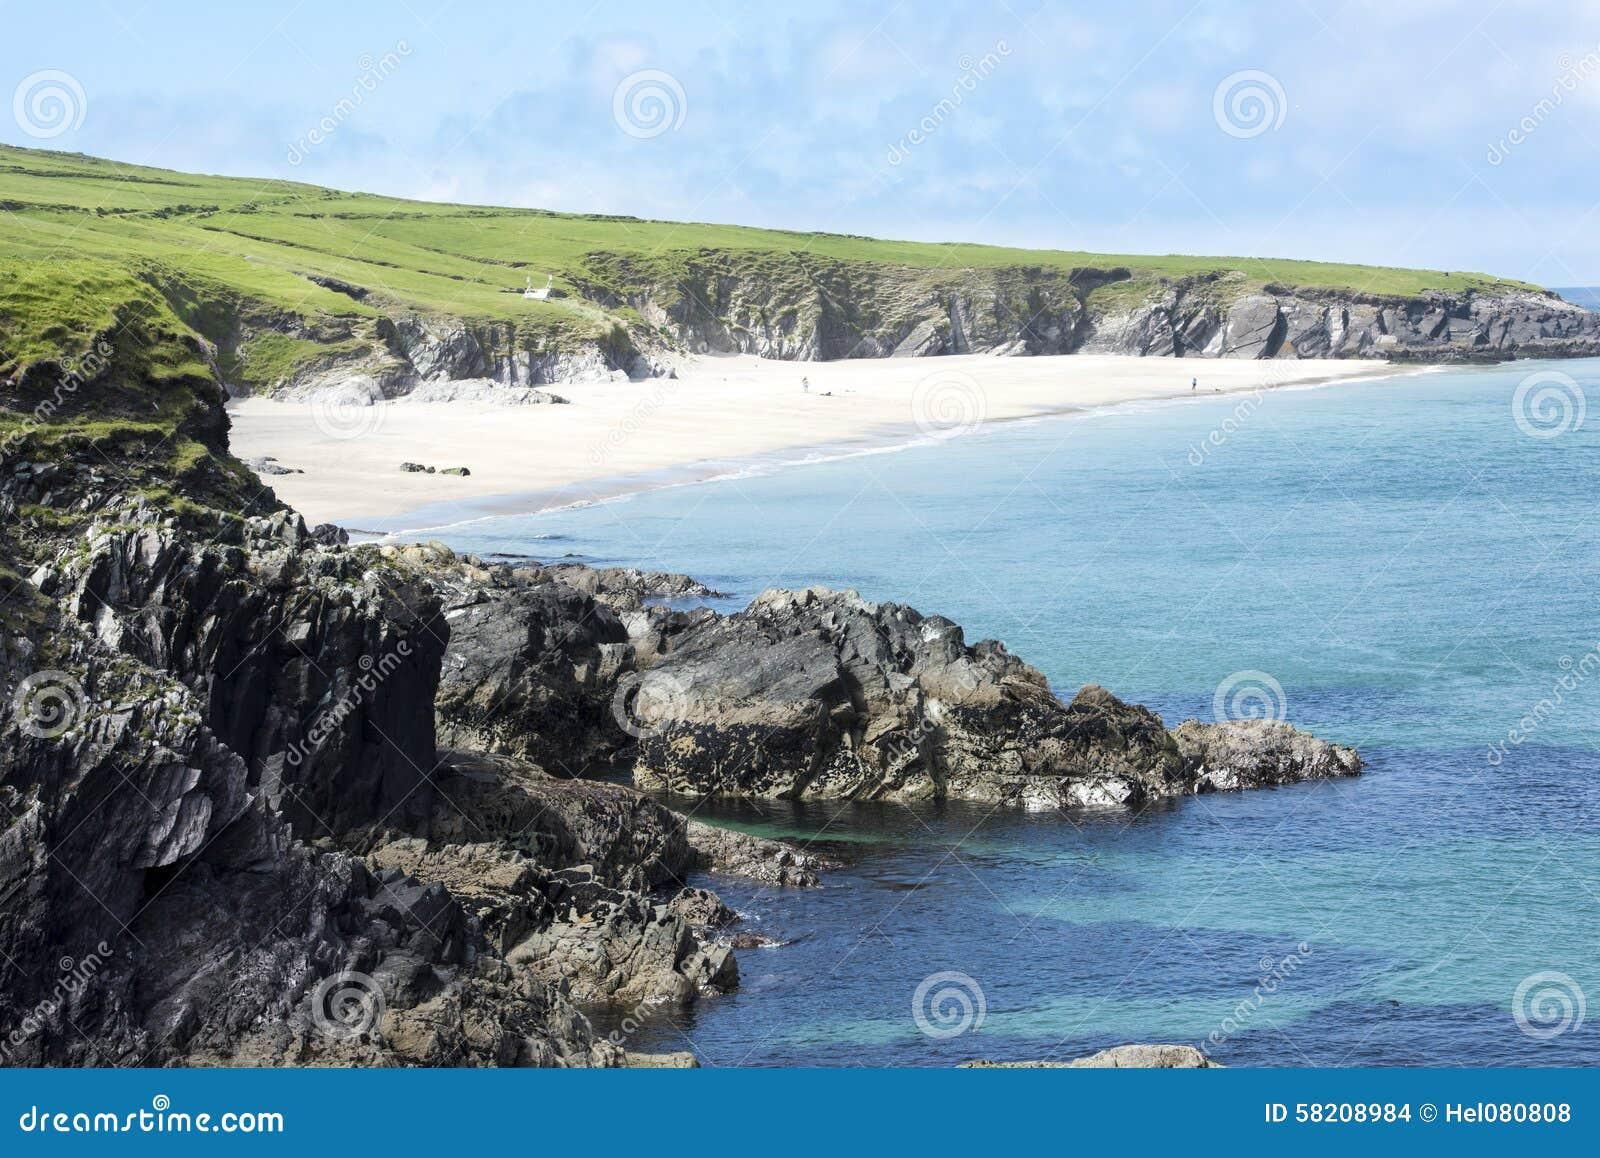 Great Blasket Island Beach